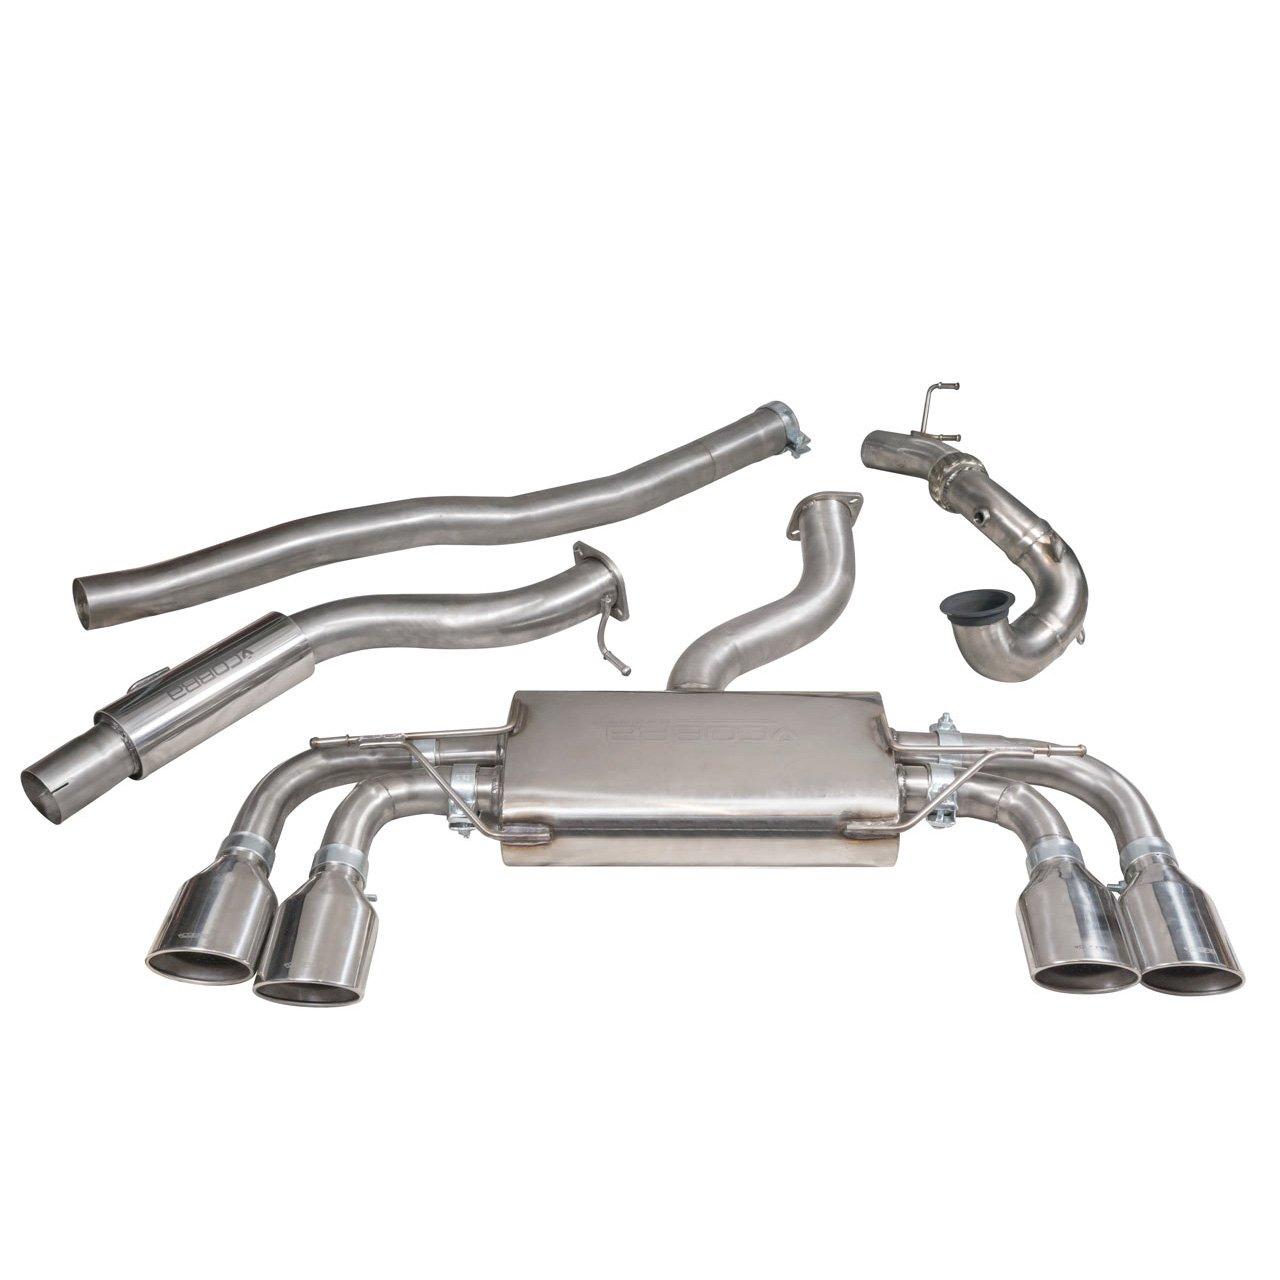 VW Golf R (Mk7) 2.0 TSI (5G) (12-18) Turbo Back Performance Exhaust